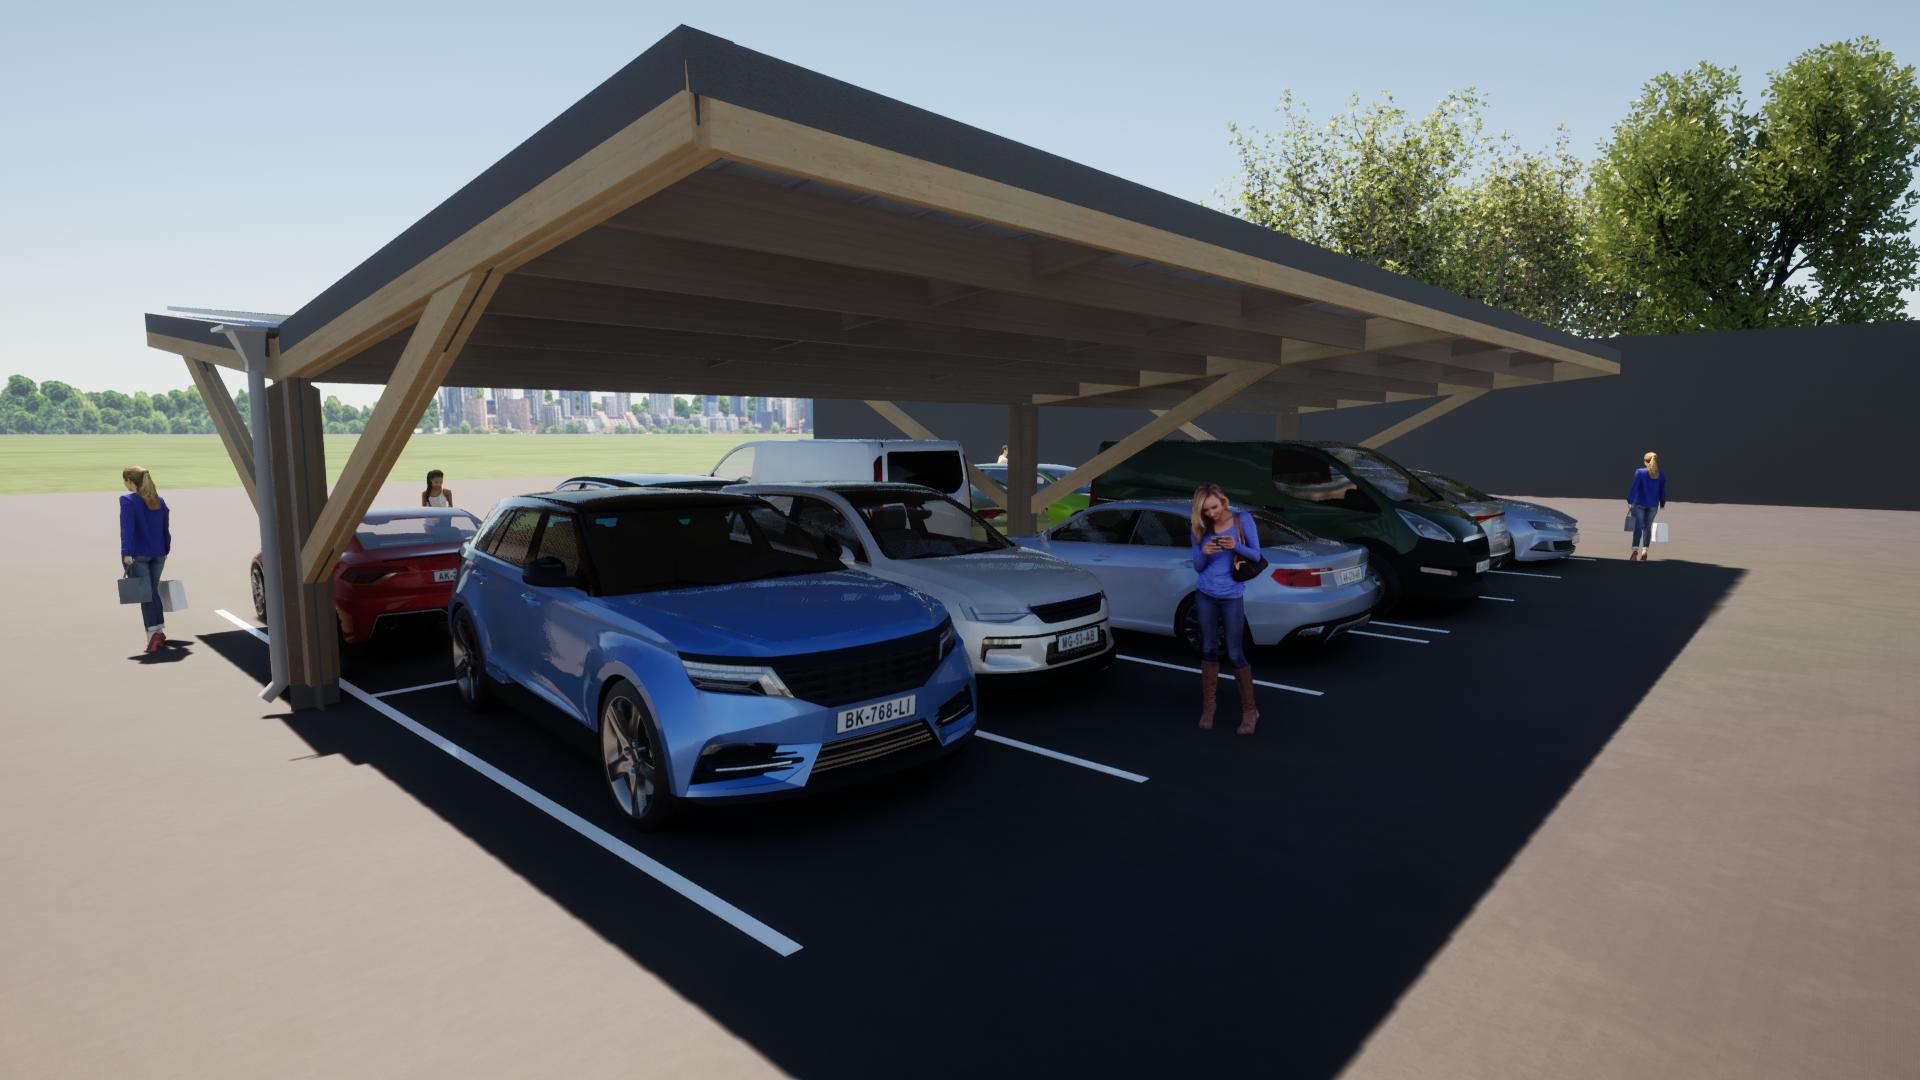 Timber carpark 5